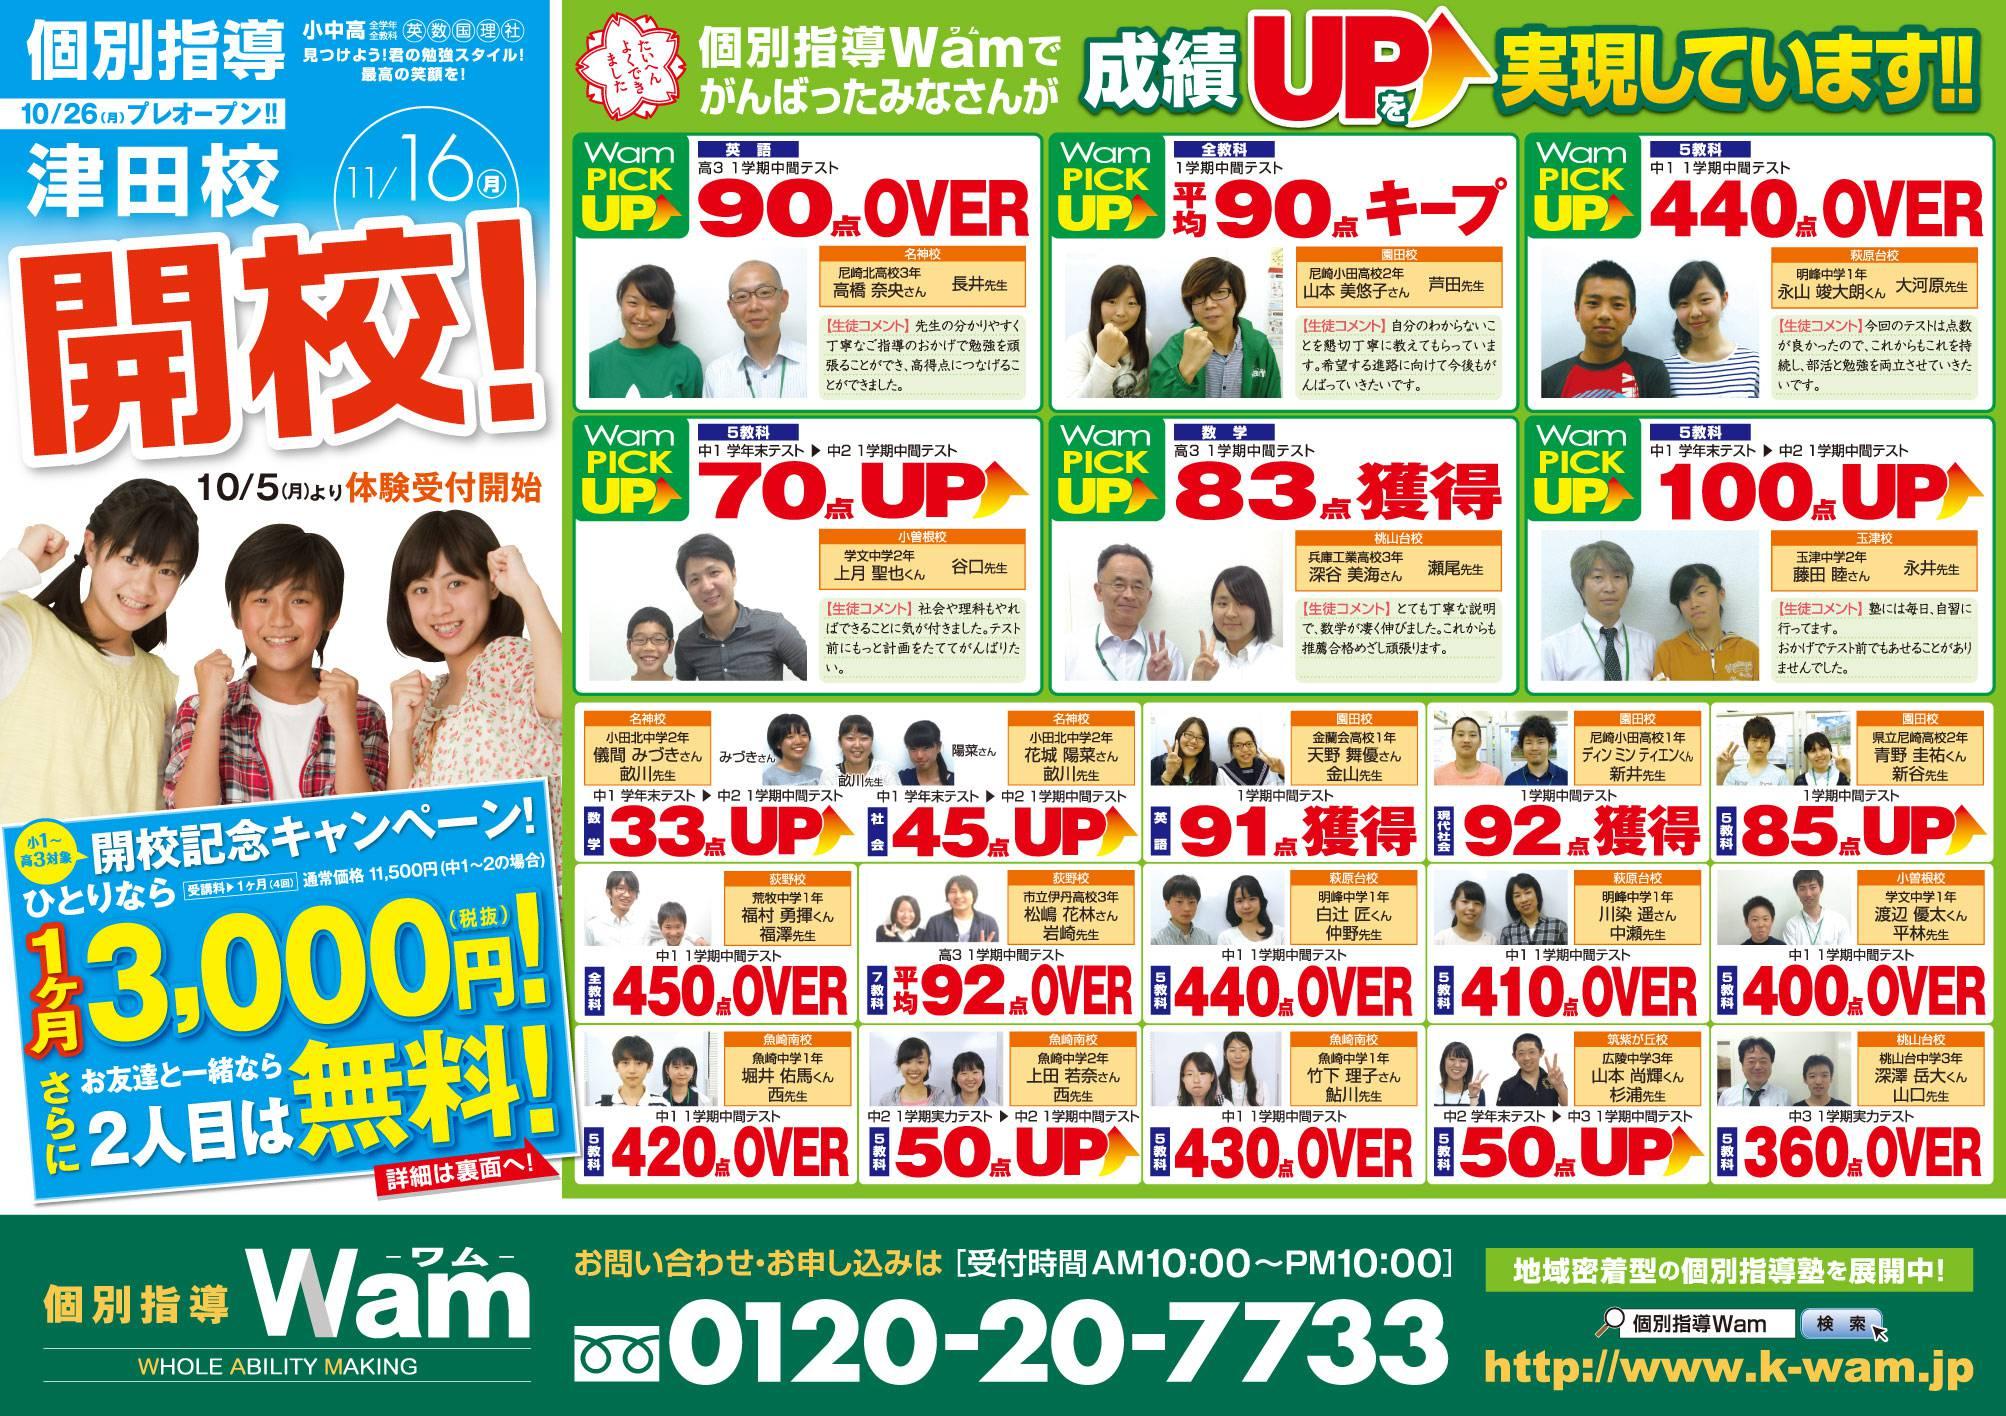 津田校 2015年10月26日(月) プレオープン・オモテ面